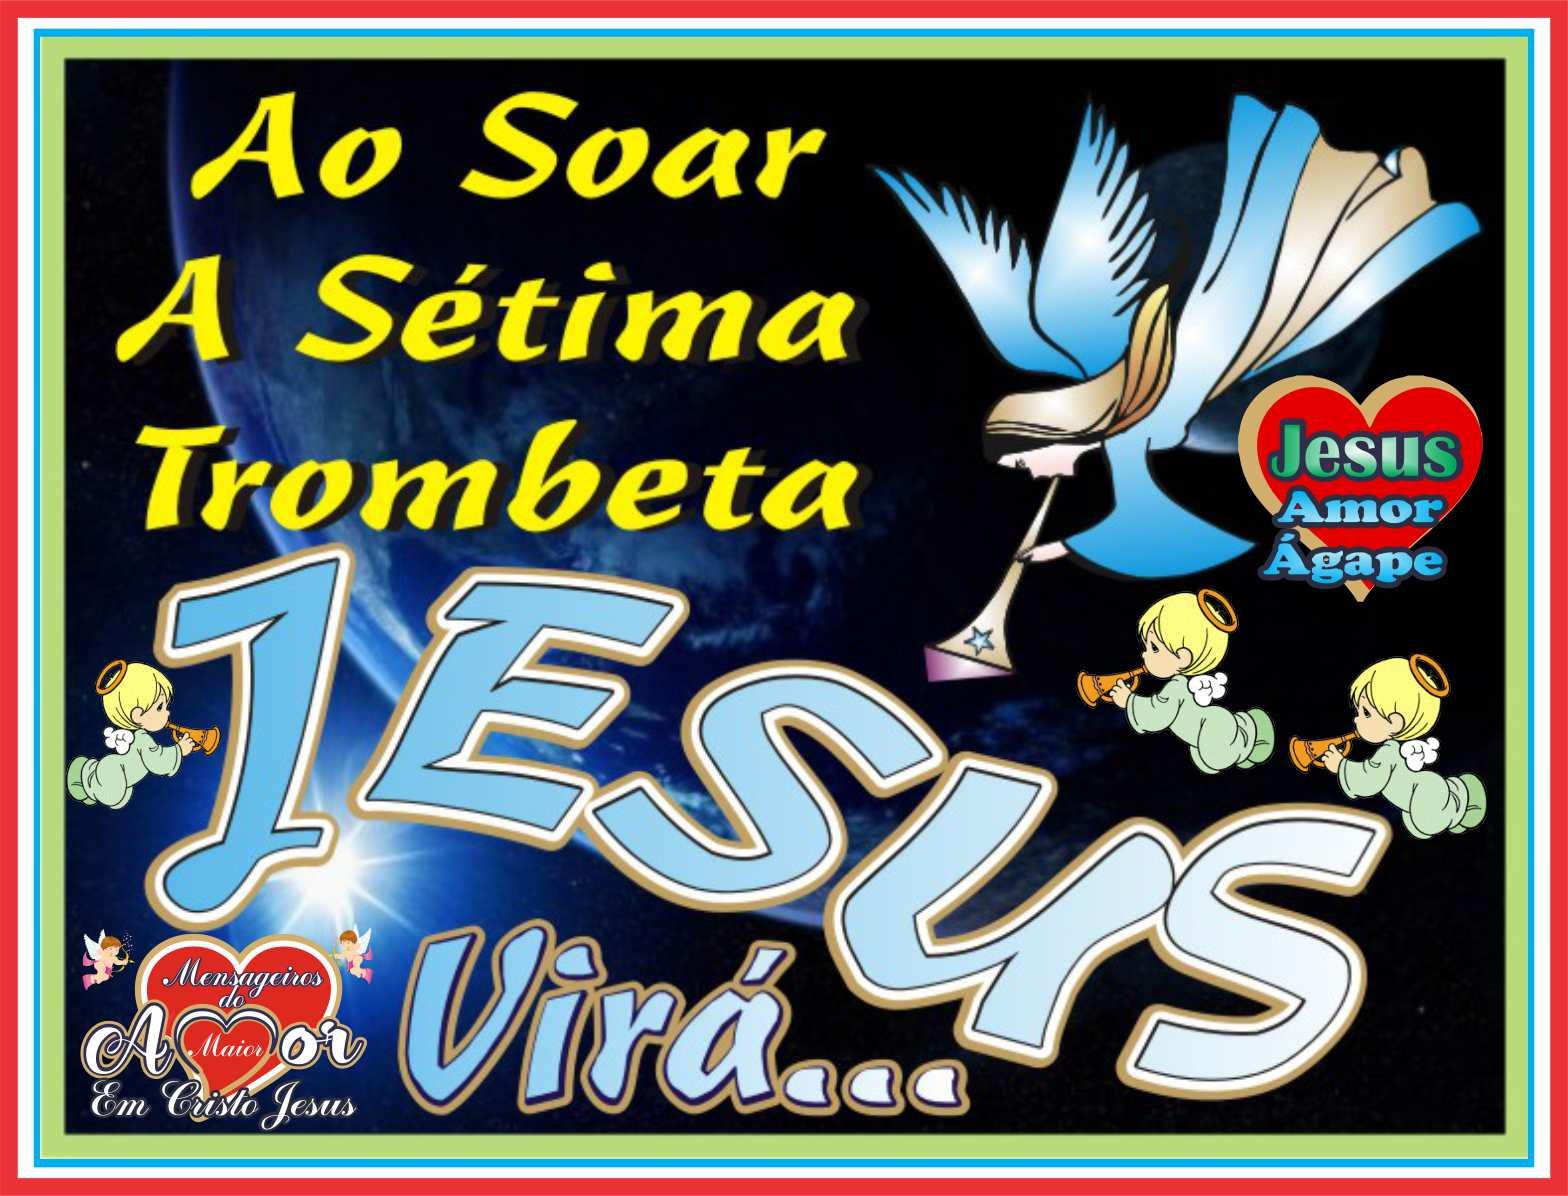 Ao Soar da Sétima Trombeta Virá O Rei Jesus Cristo